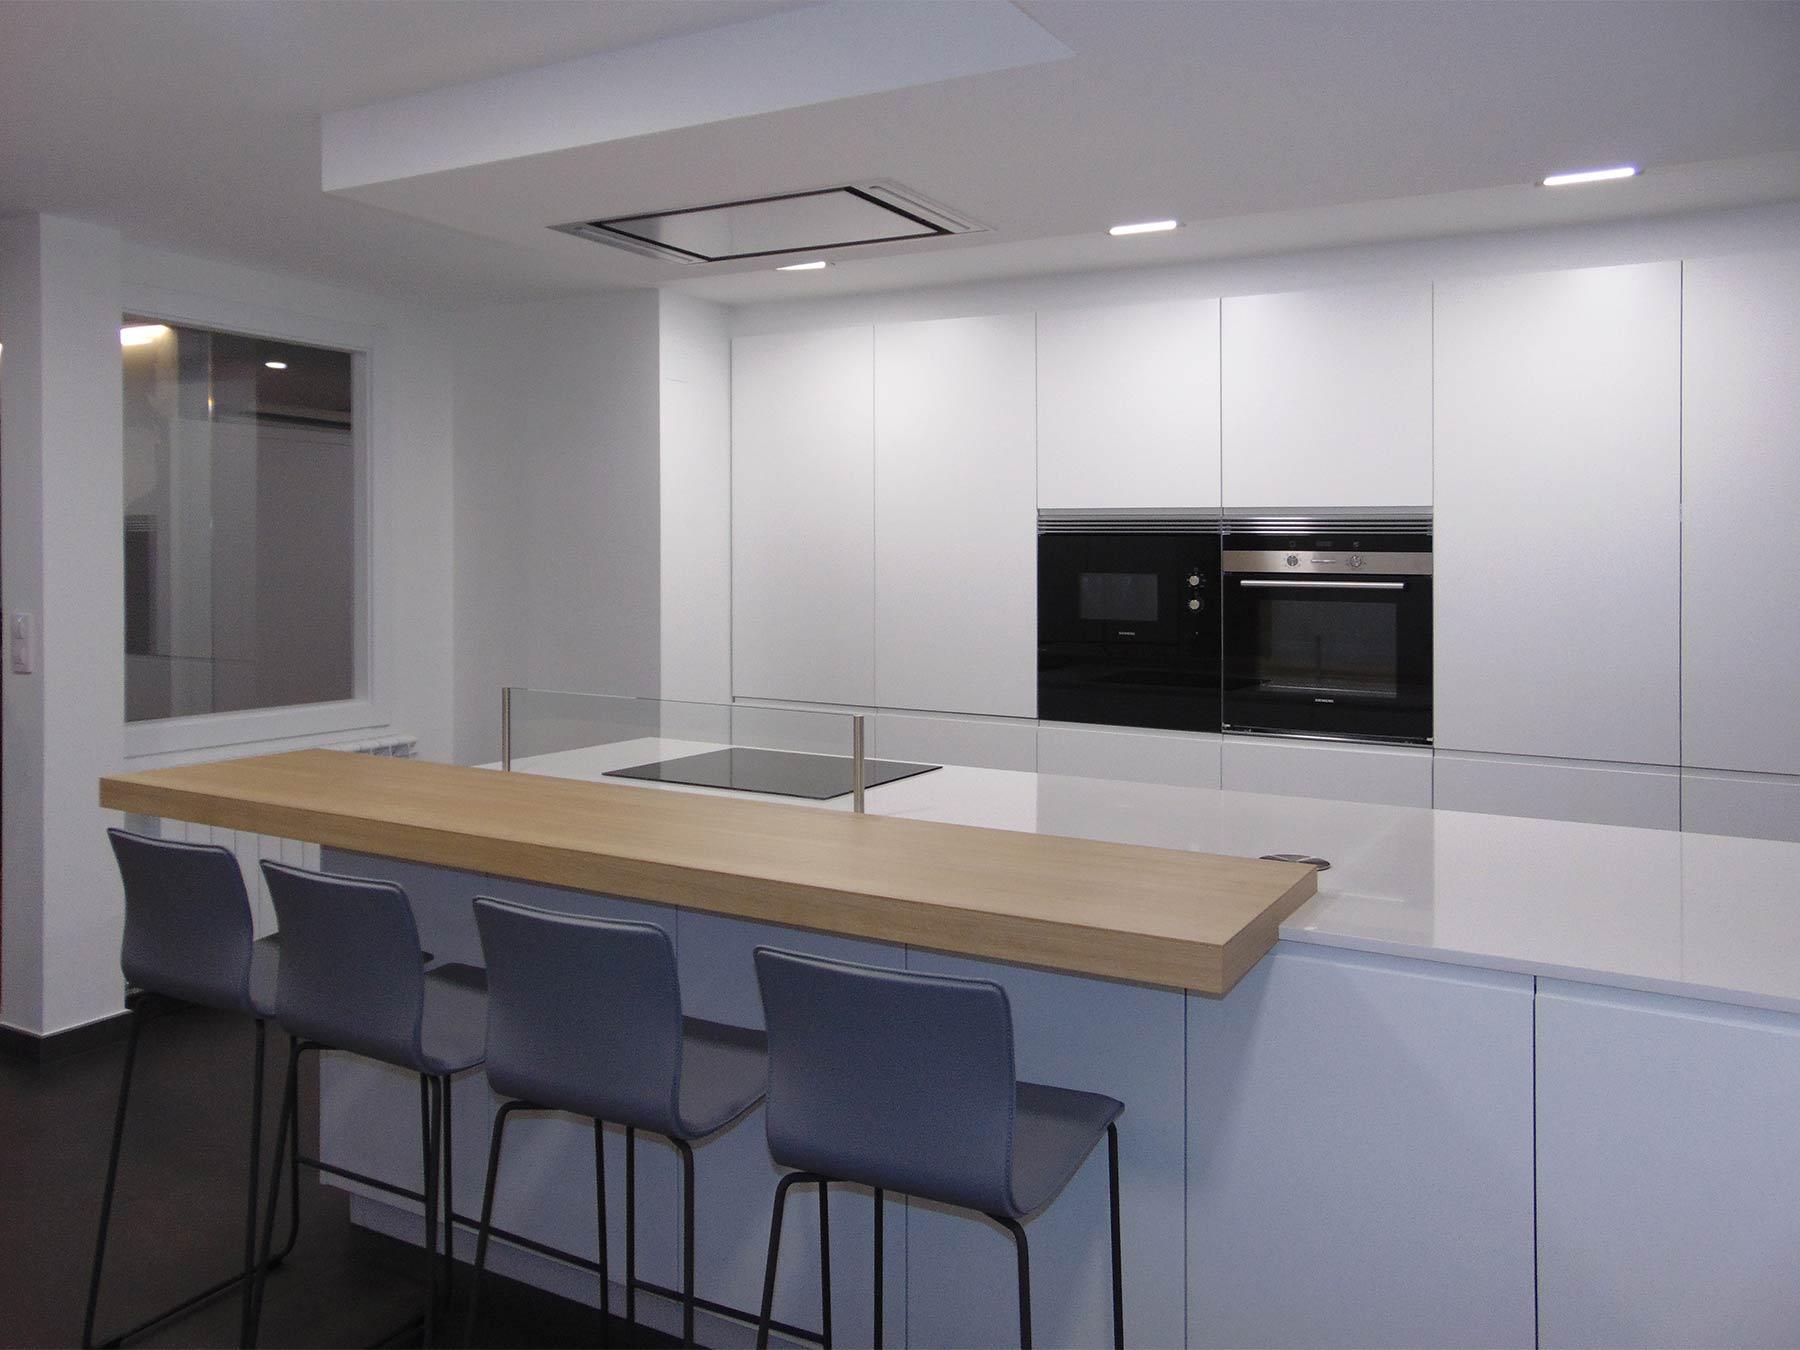 Cocina blanca con distribución en península y frente de muebles columna al fondo.